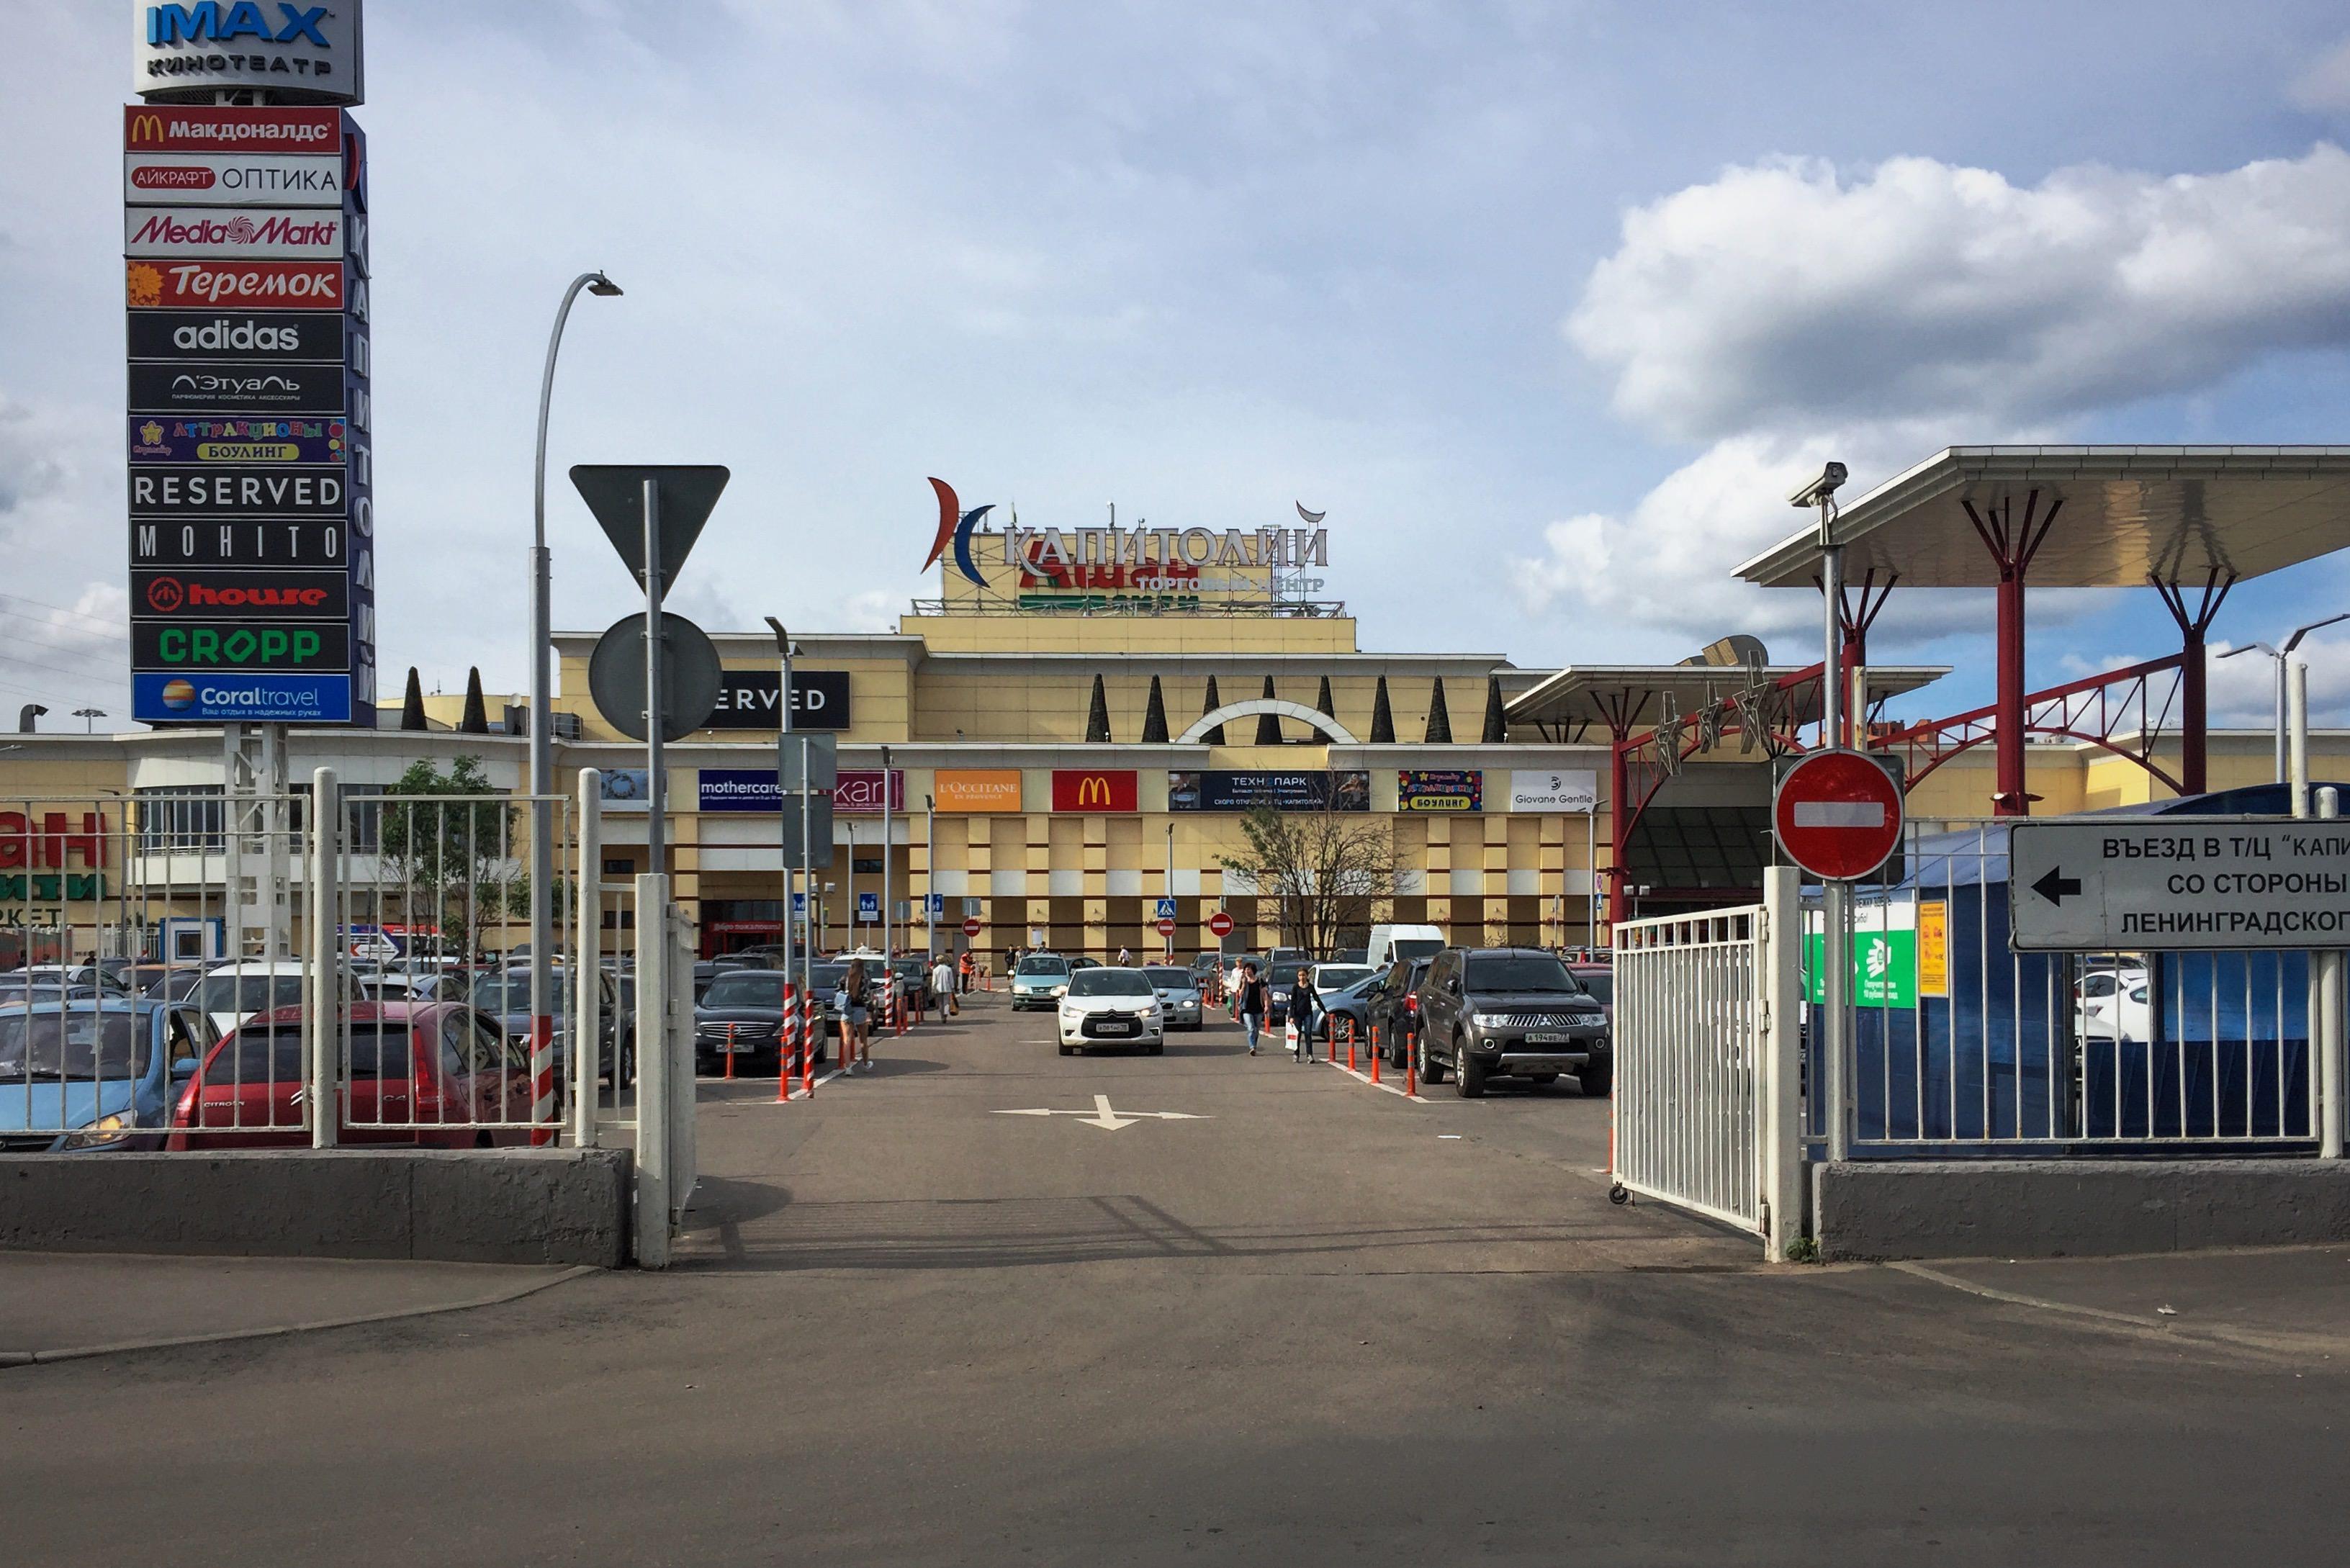 File:Moscow, Pravoberezhnaya Street shopping mall